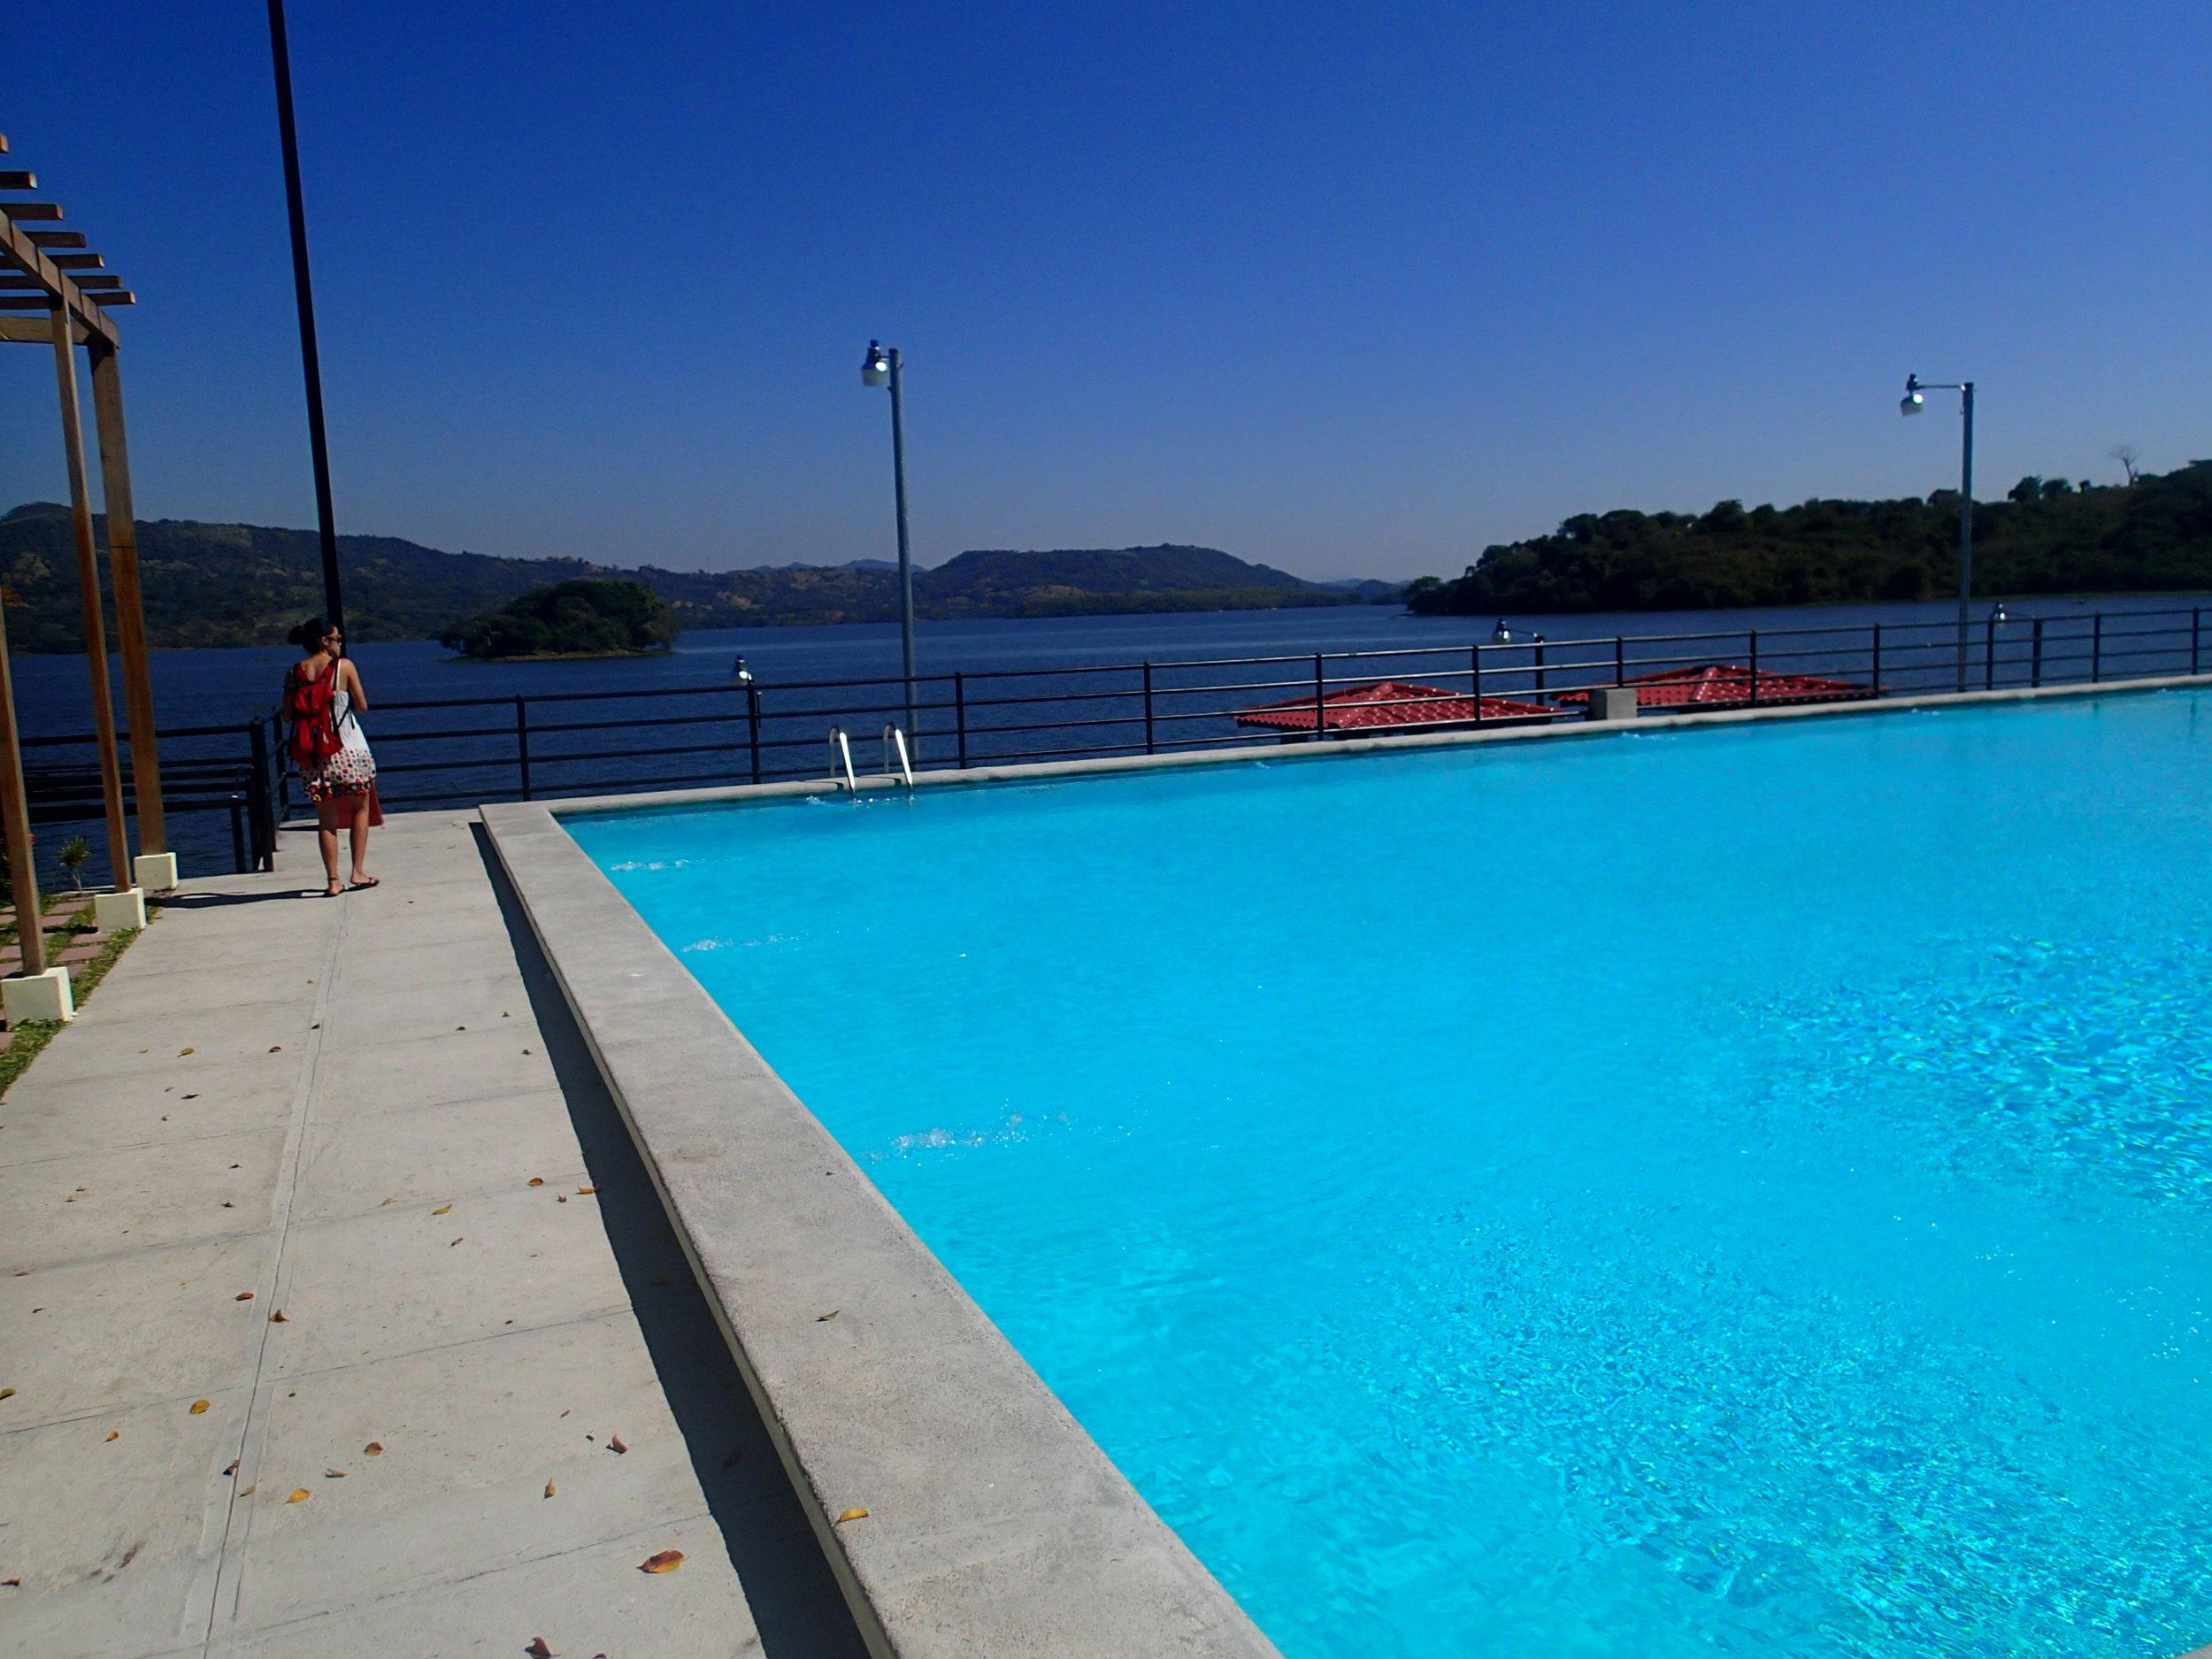 lakeside pool.jpg